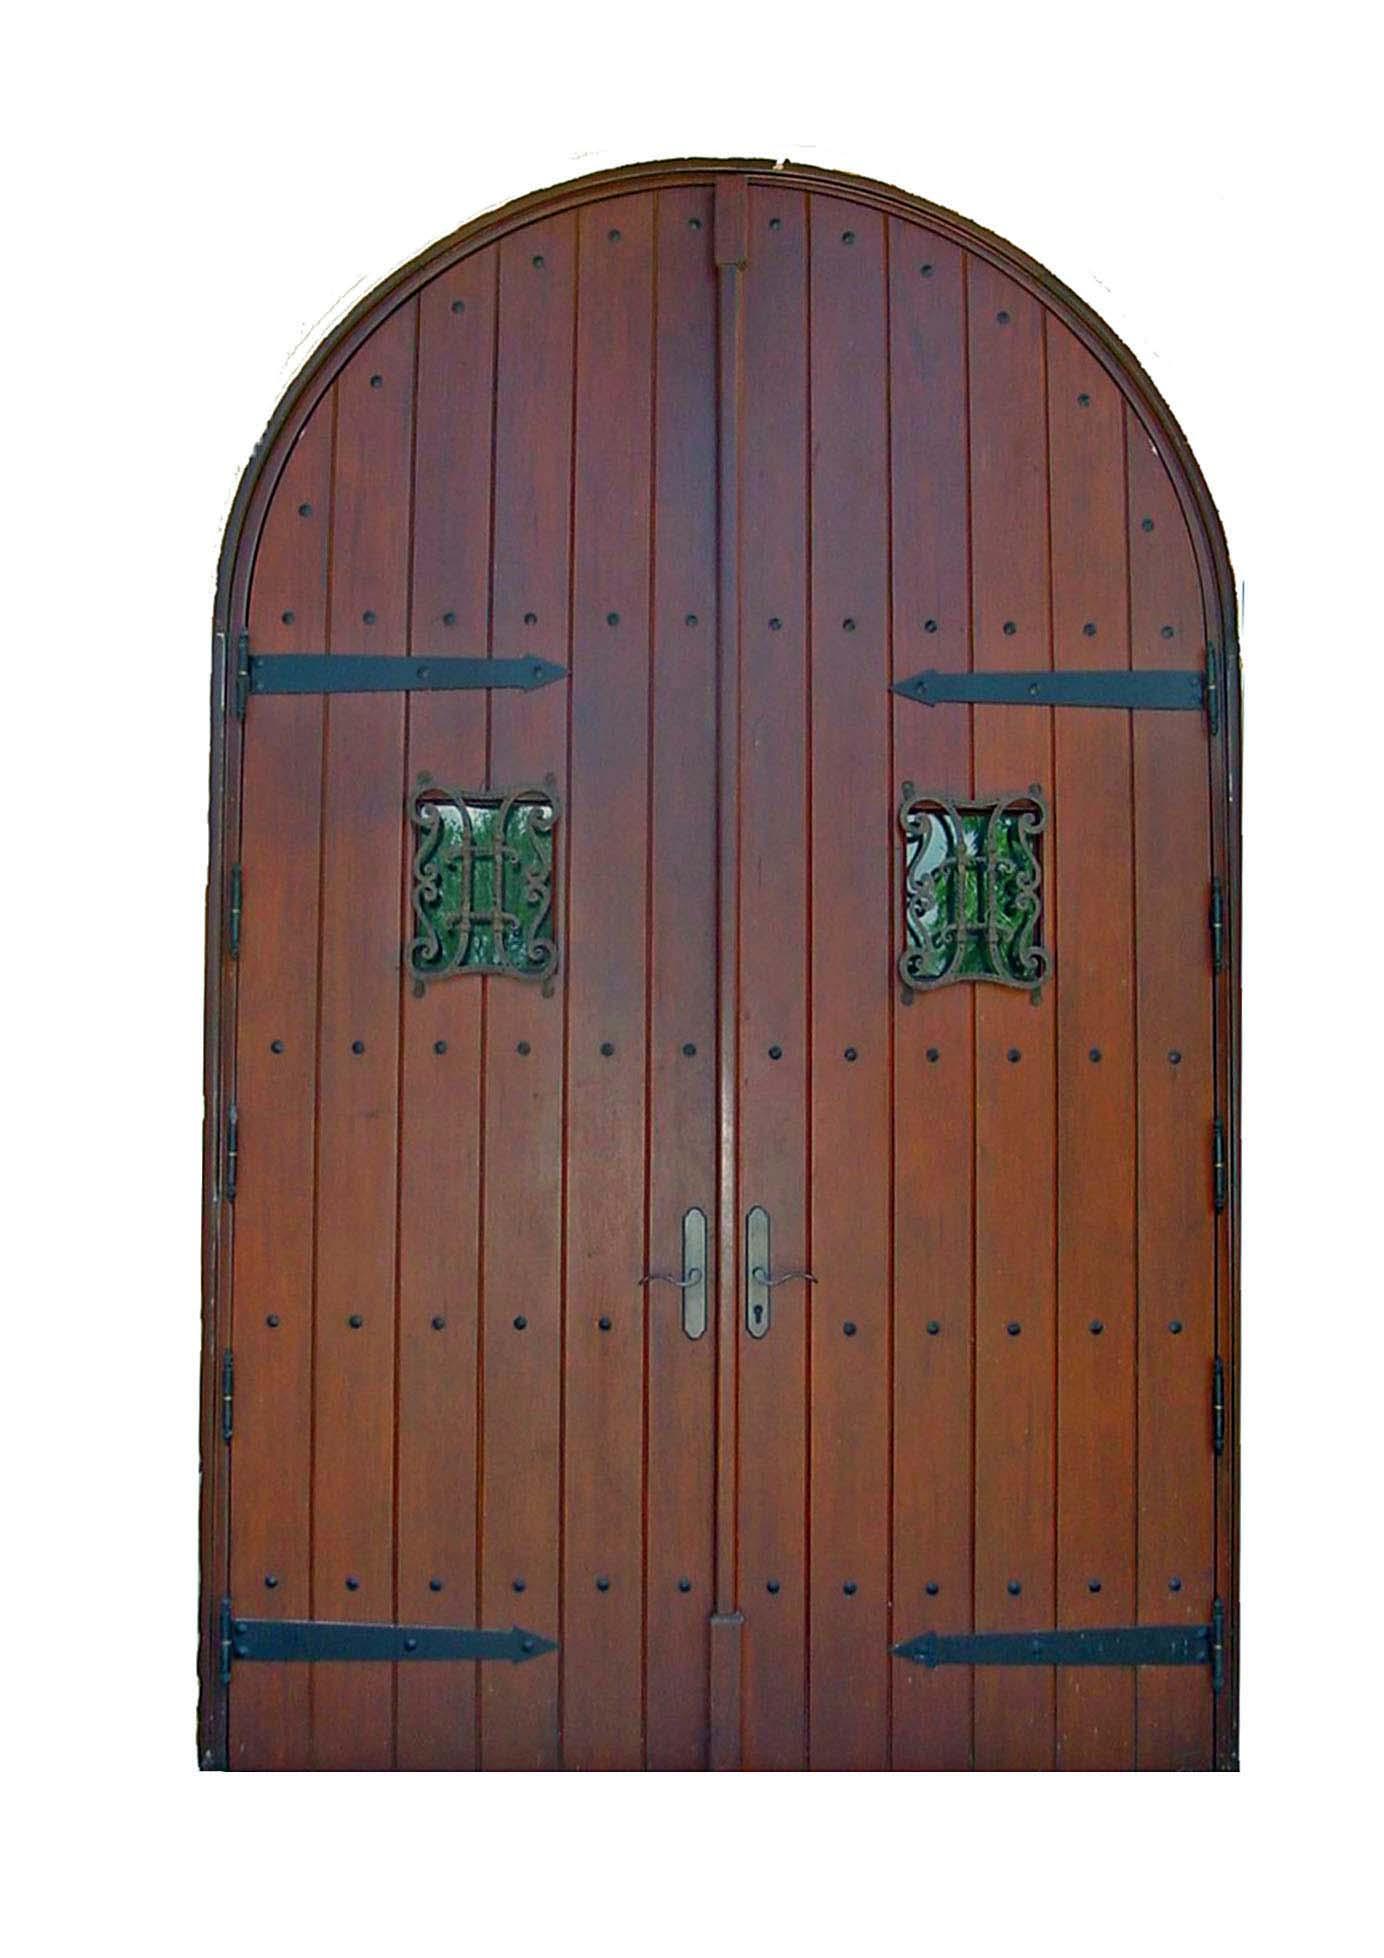 ROYAL PALM BEACH. MAHOGANY ENTRY DOOR.